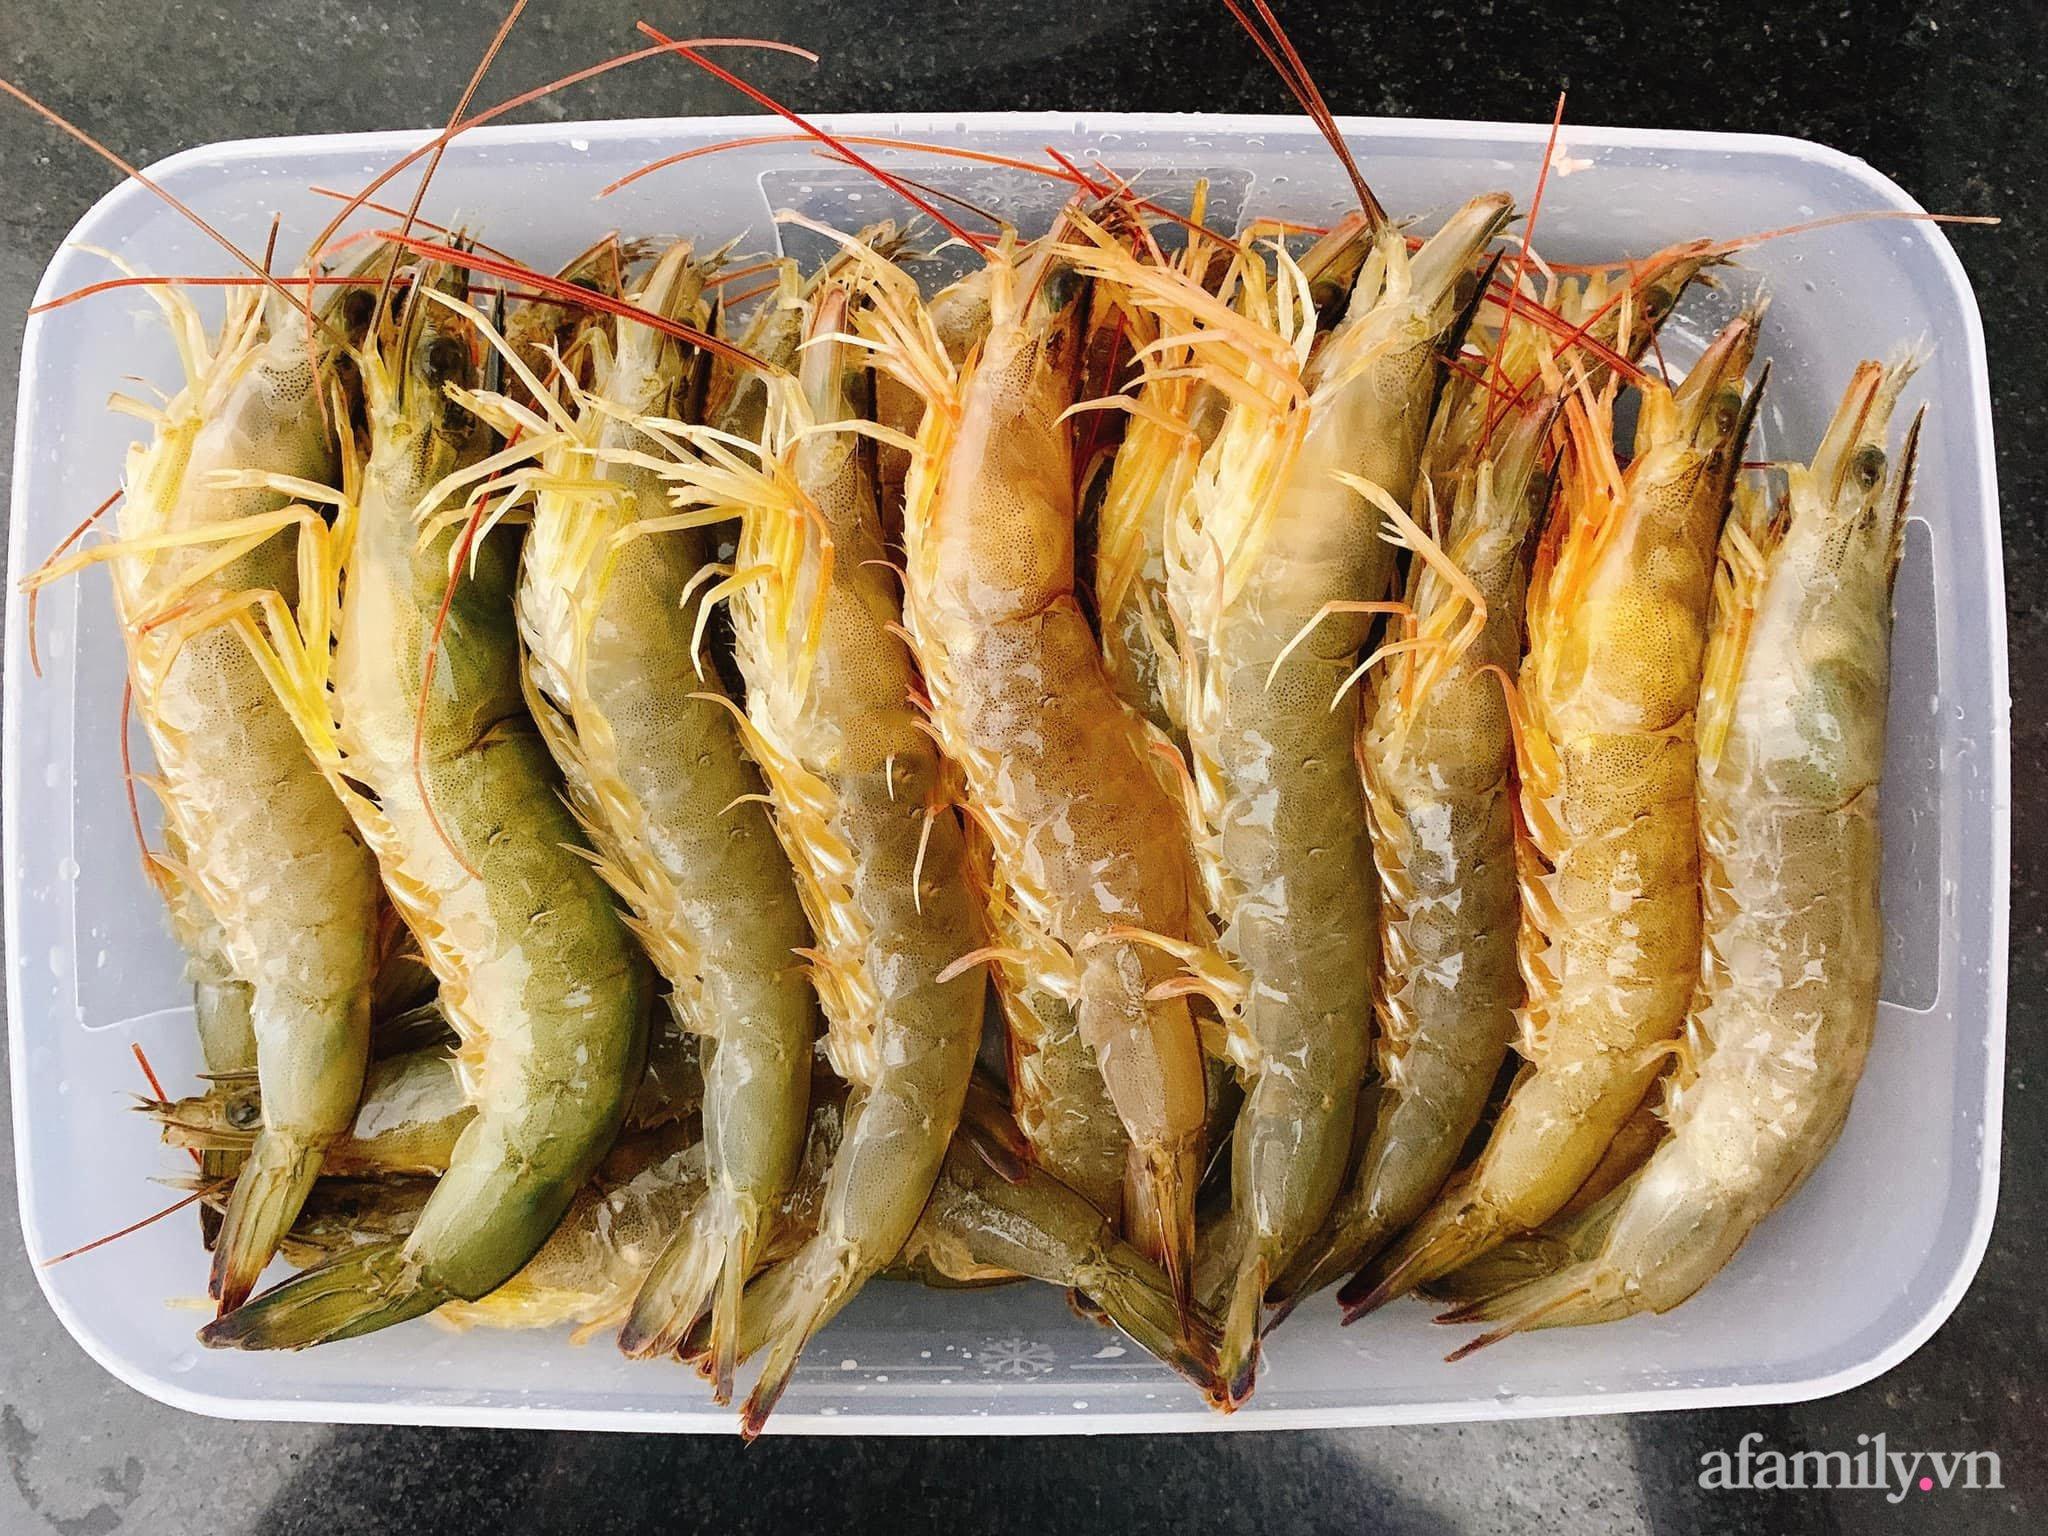 Bà nội trợ ở Quảng Ninh tiết lộ 9 bí kíp chọn mua thực phẩm tươi ngon cho chị em-12